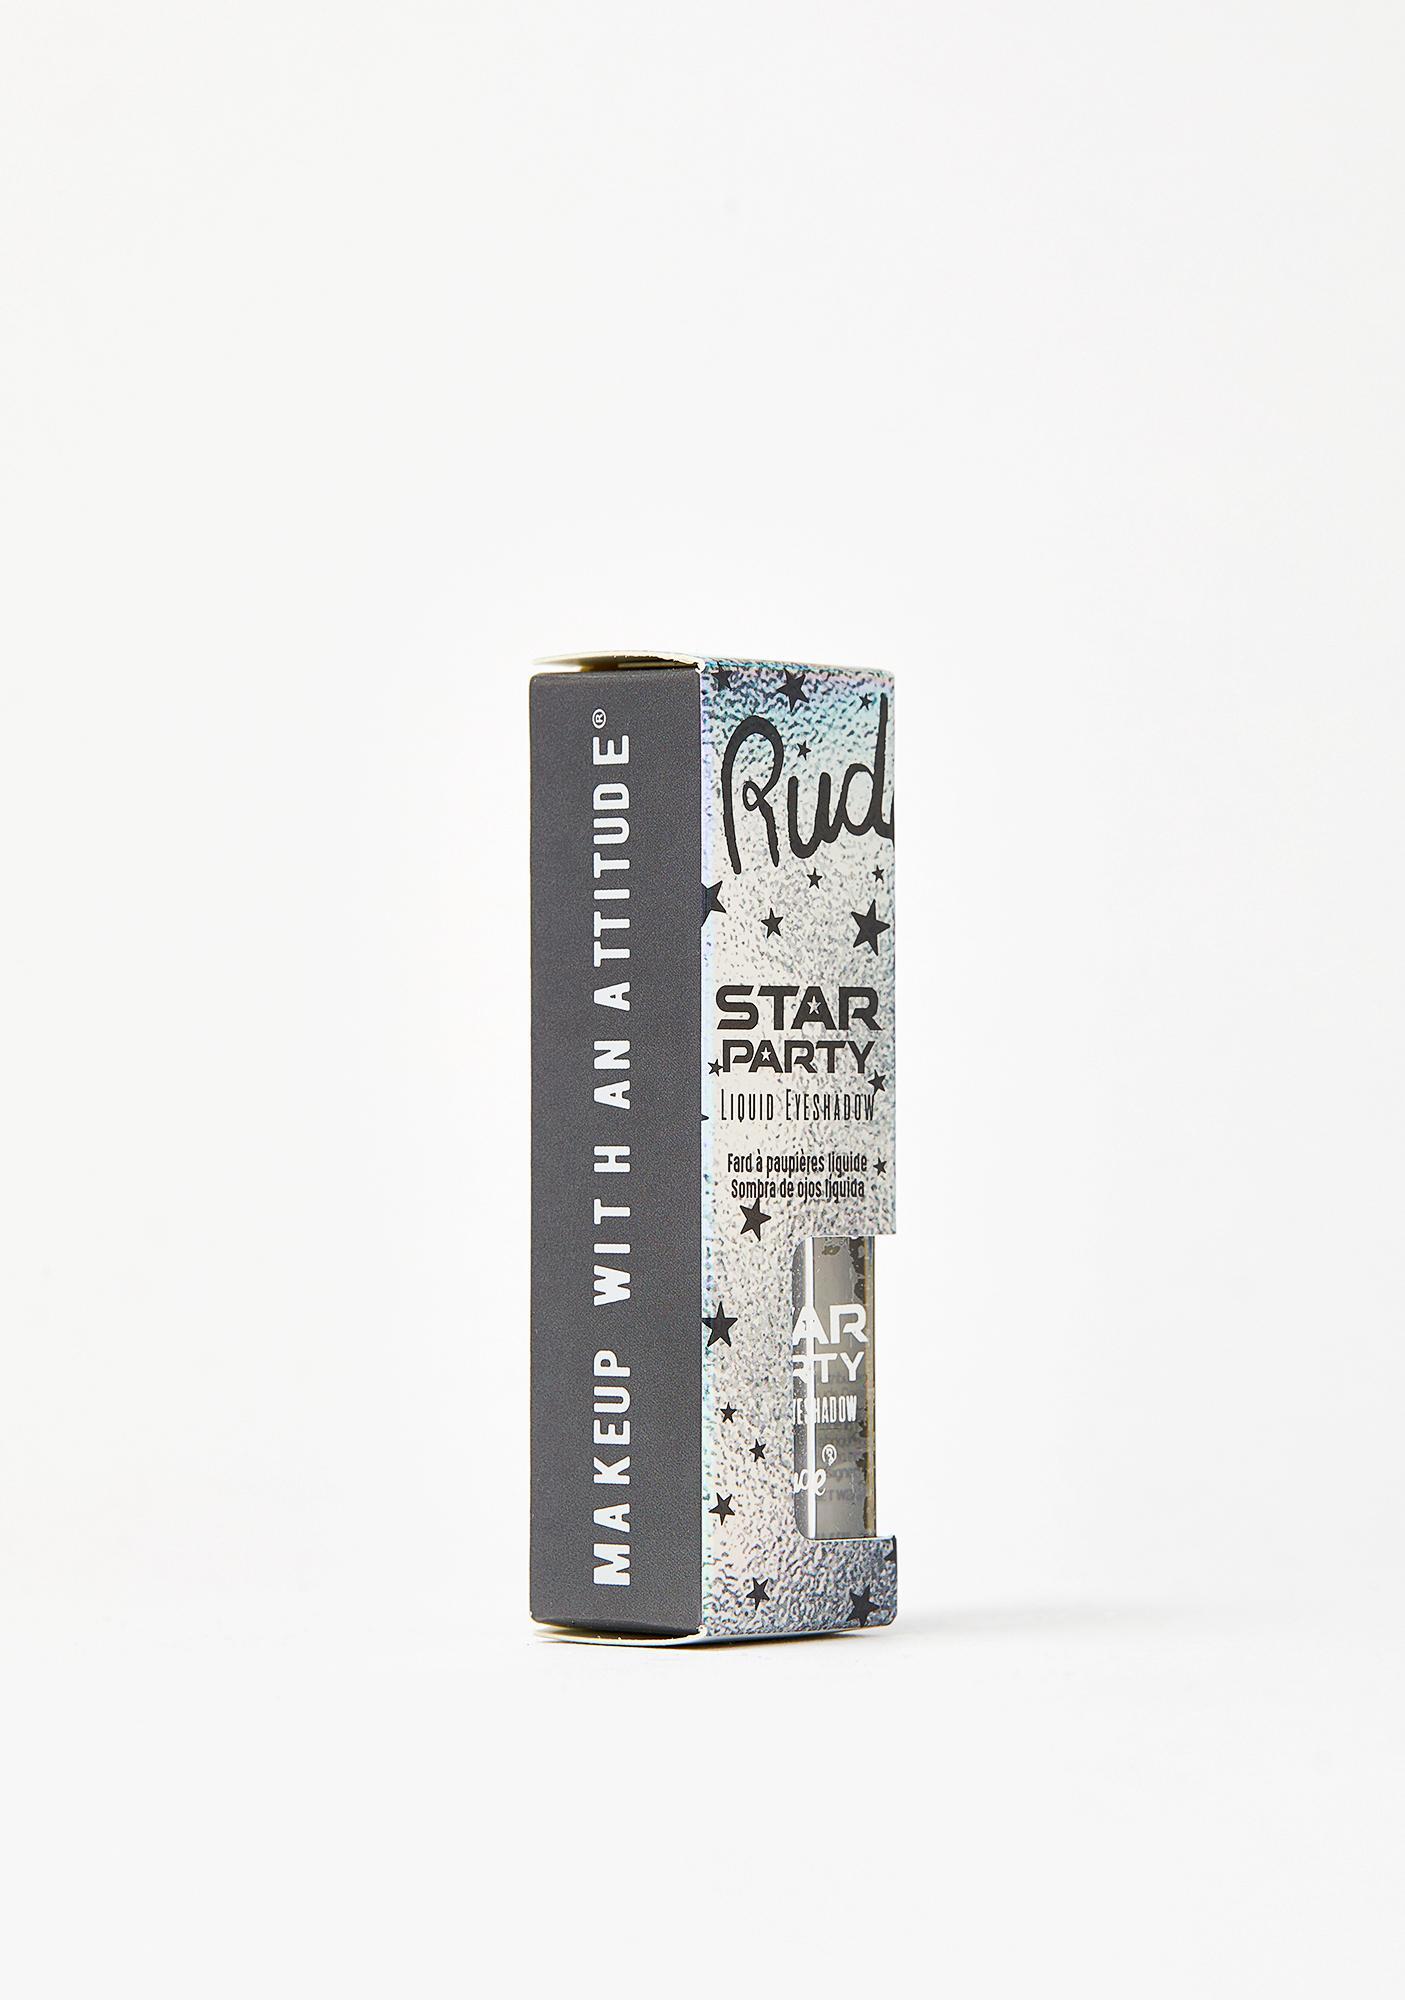 Rude Cosmetics Zodiac Dreams Star Party Liquid Glitter Eyeshadow